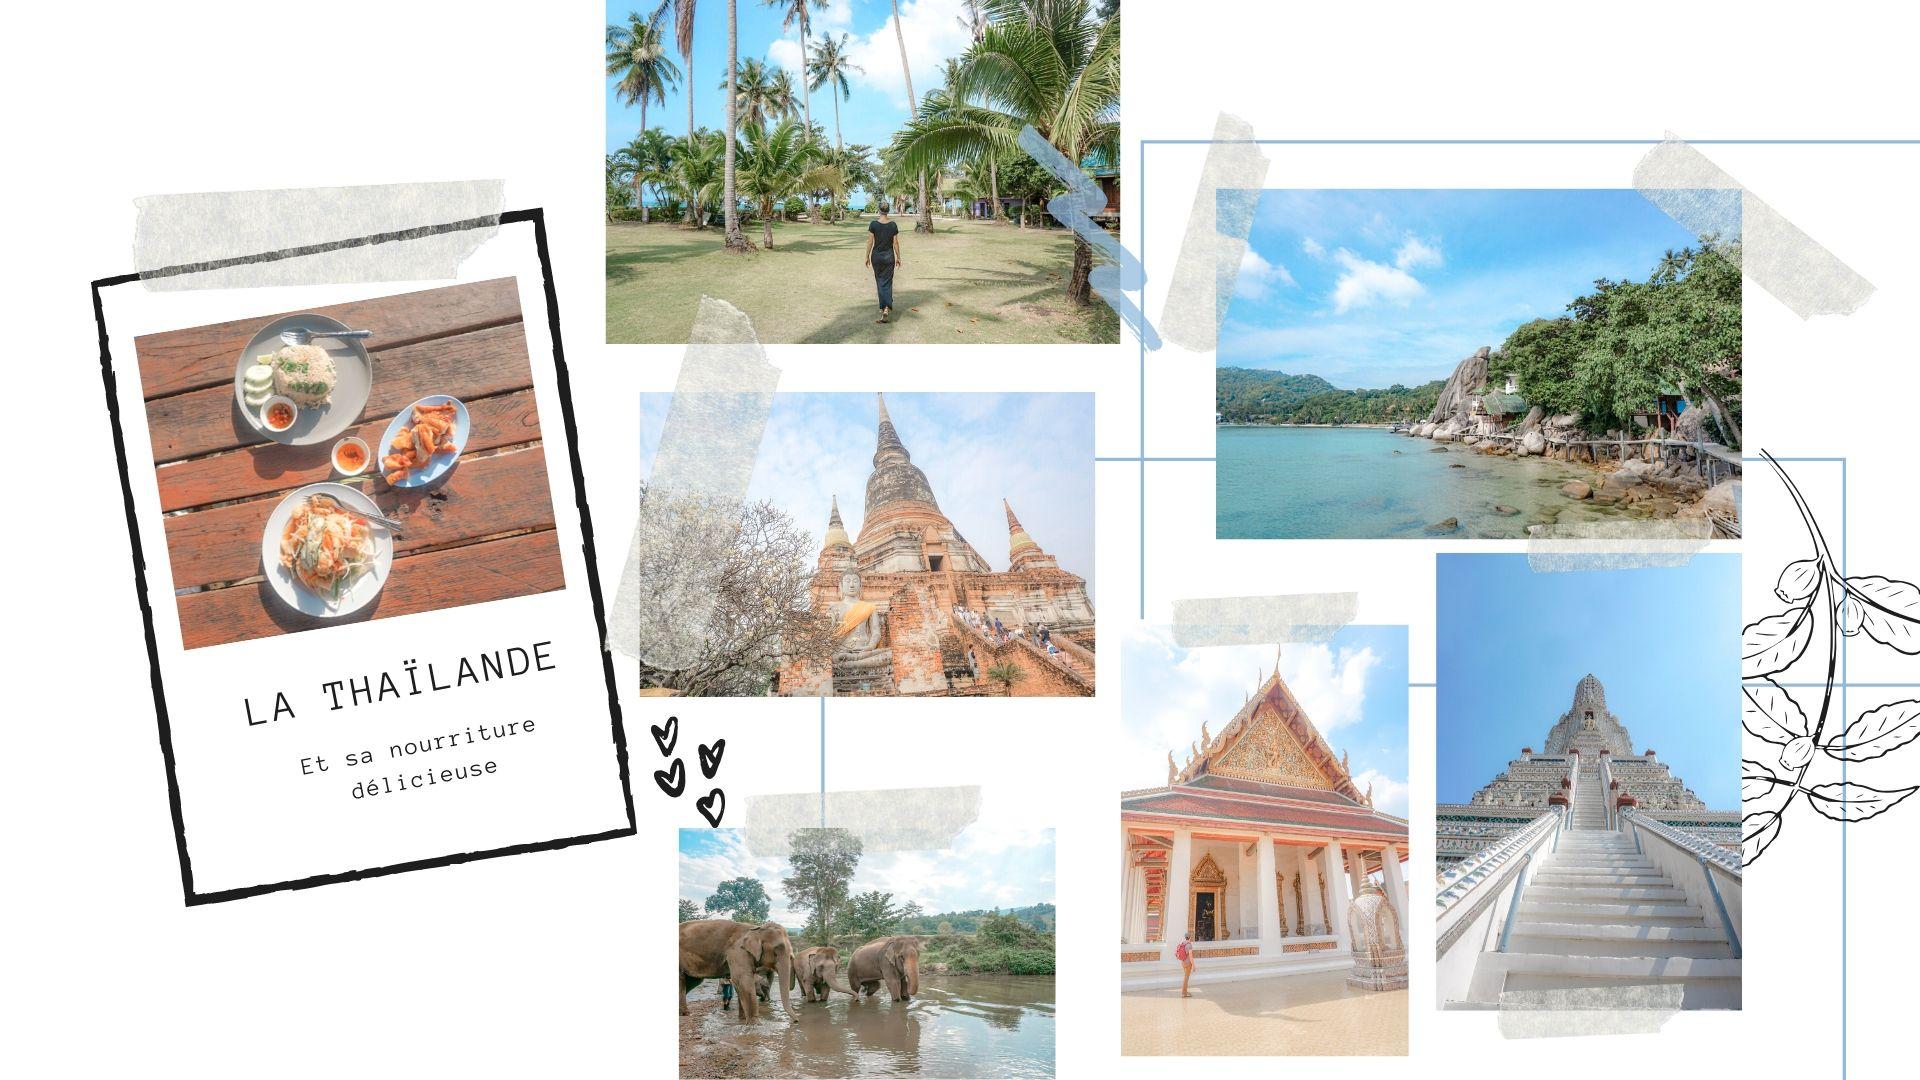 visiter la thailande voyage en 3 semaines